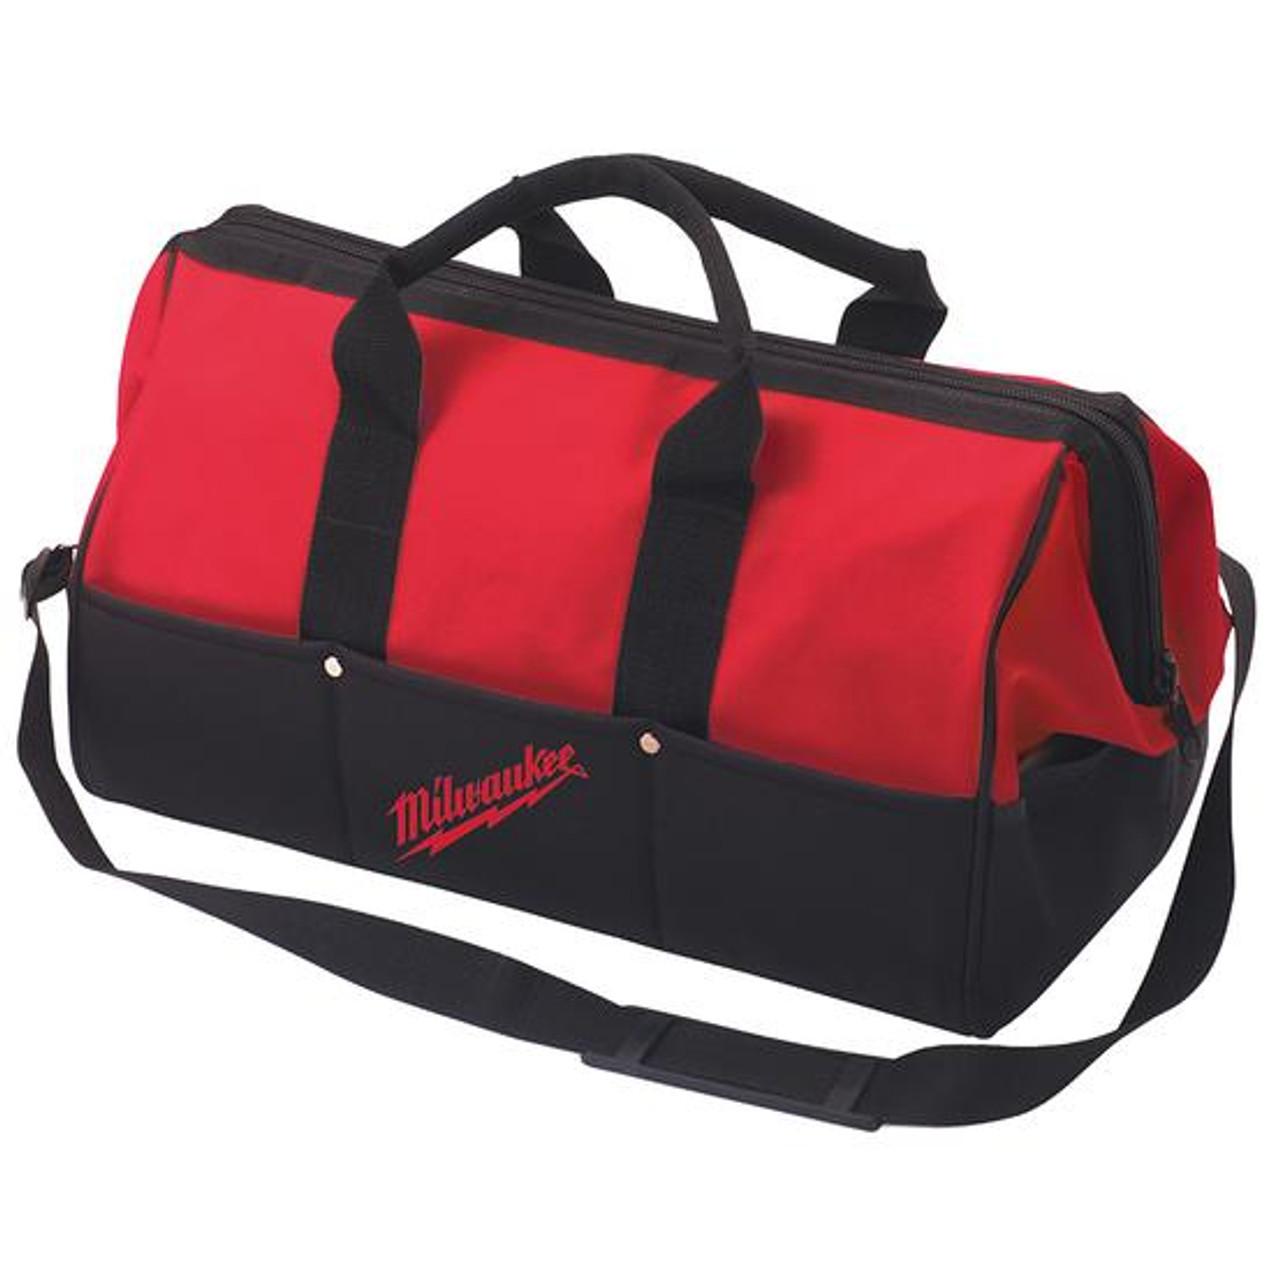 Miwaukee Carry Bag